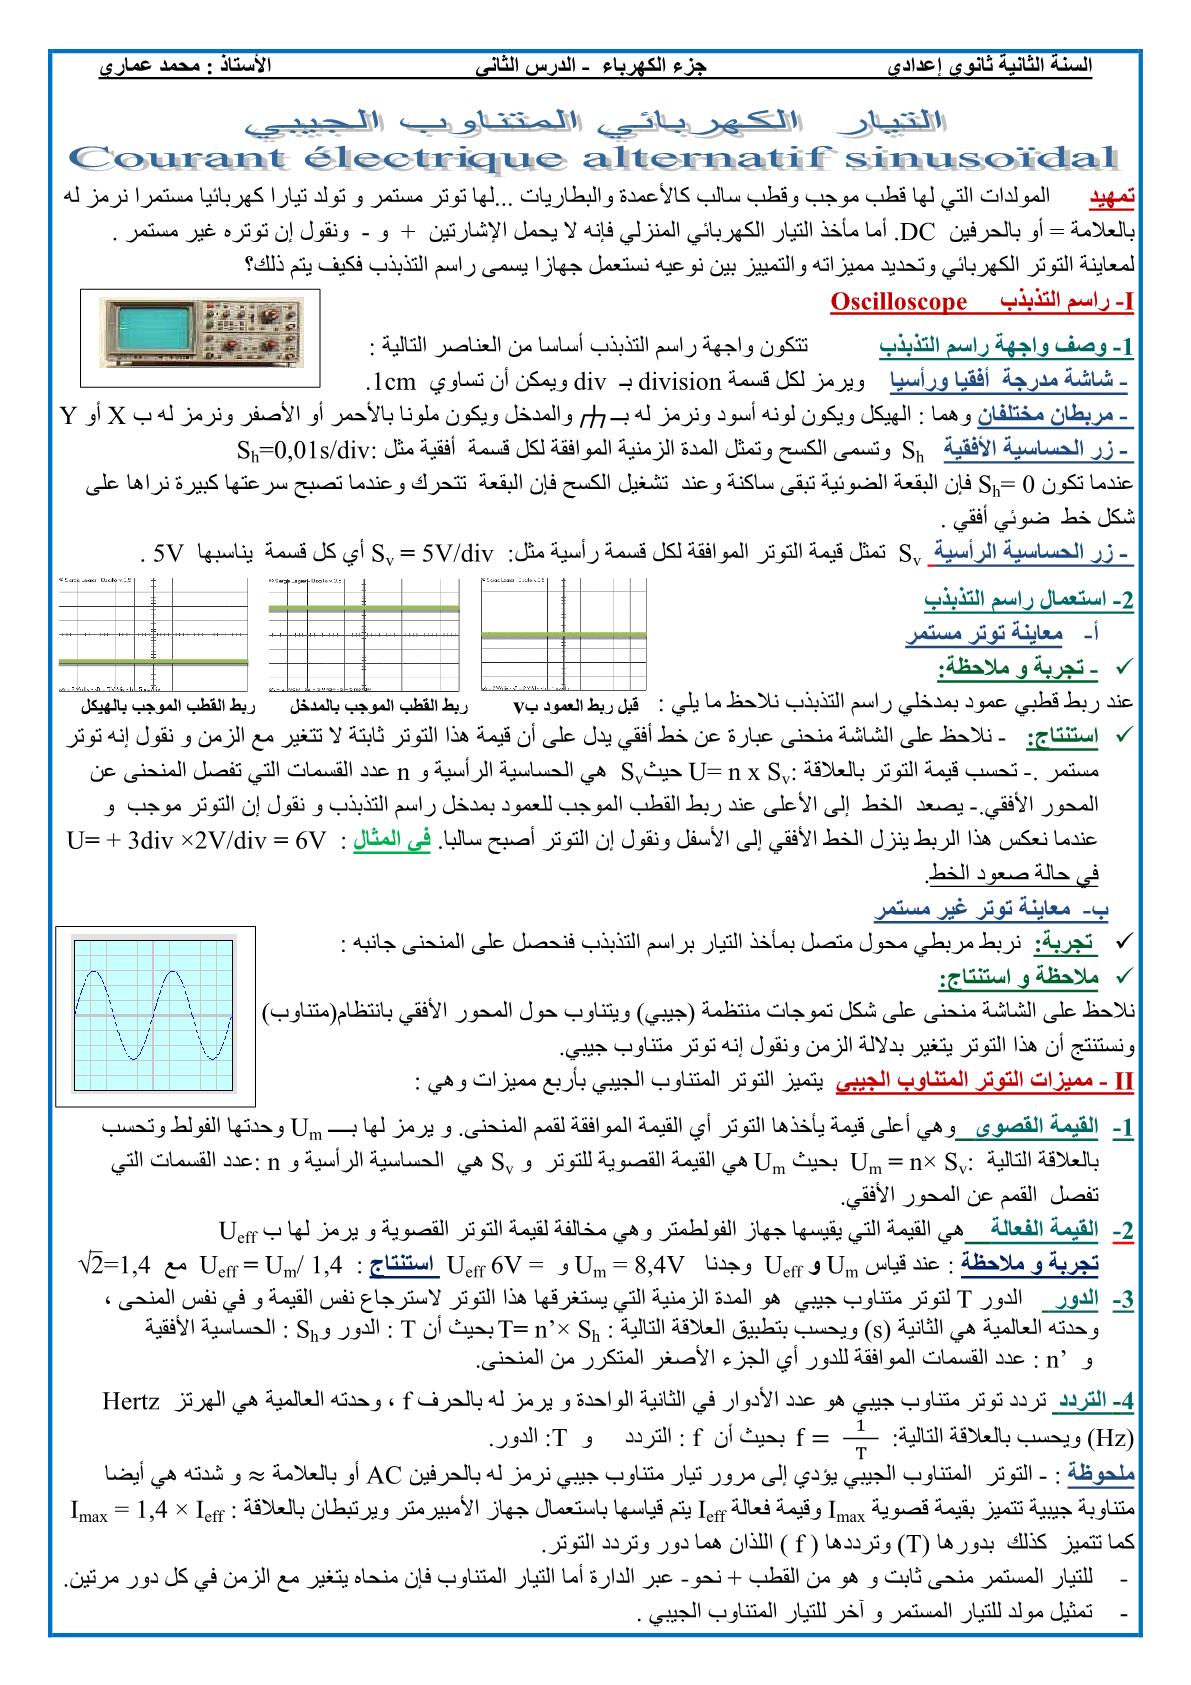 درس التيار الكهربائي المتناوب الجيبي للسنة الثانية اعدادي